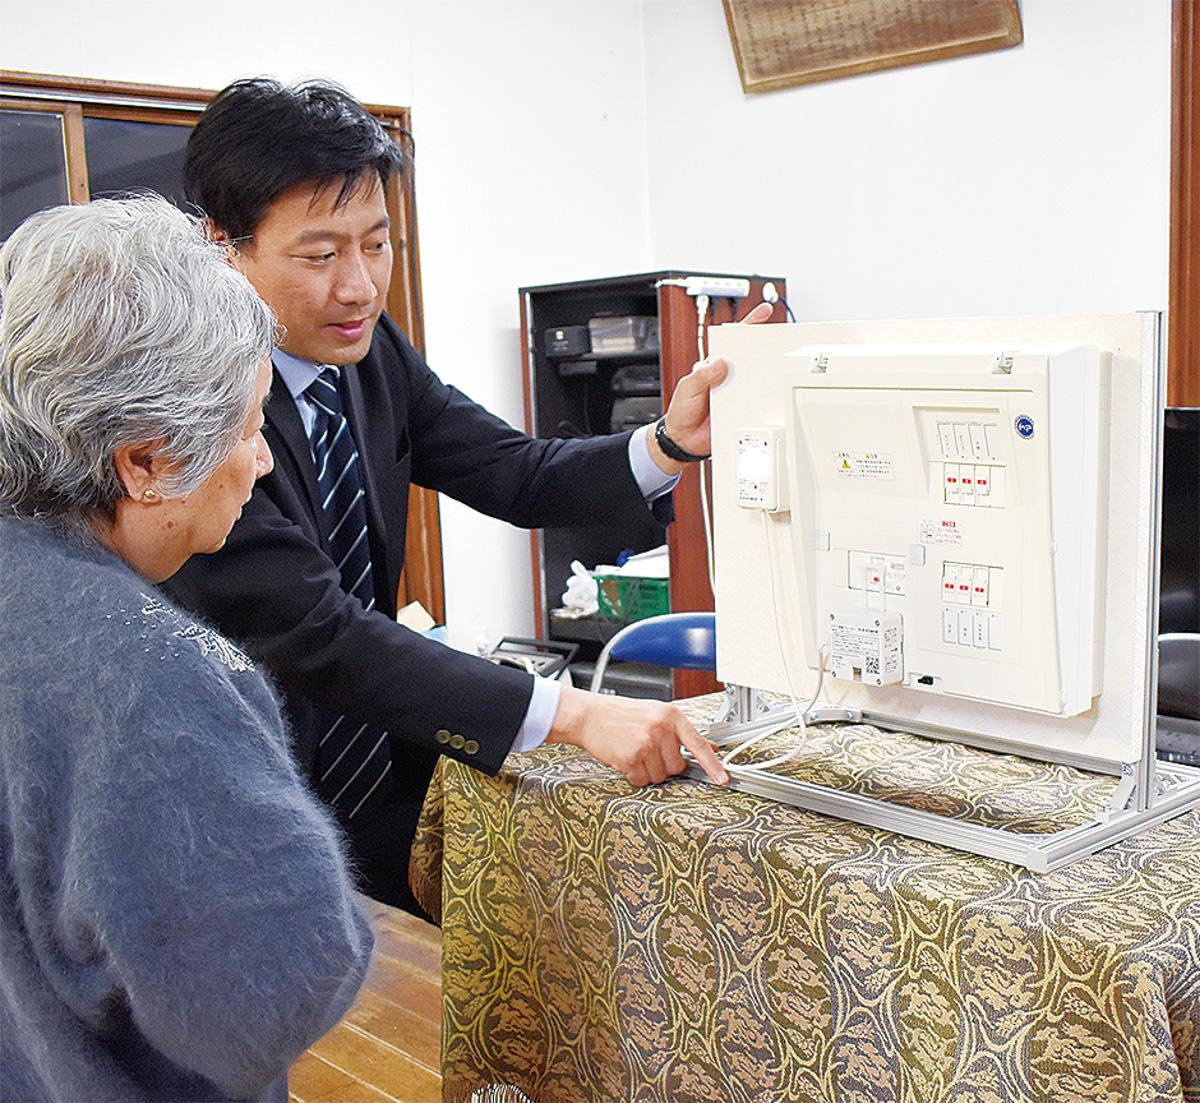 今回の配布機器について説明を受ける参加者=7日、山元町2丁目町内会館